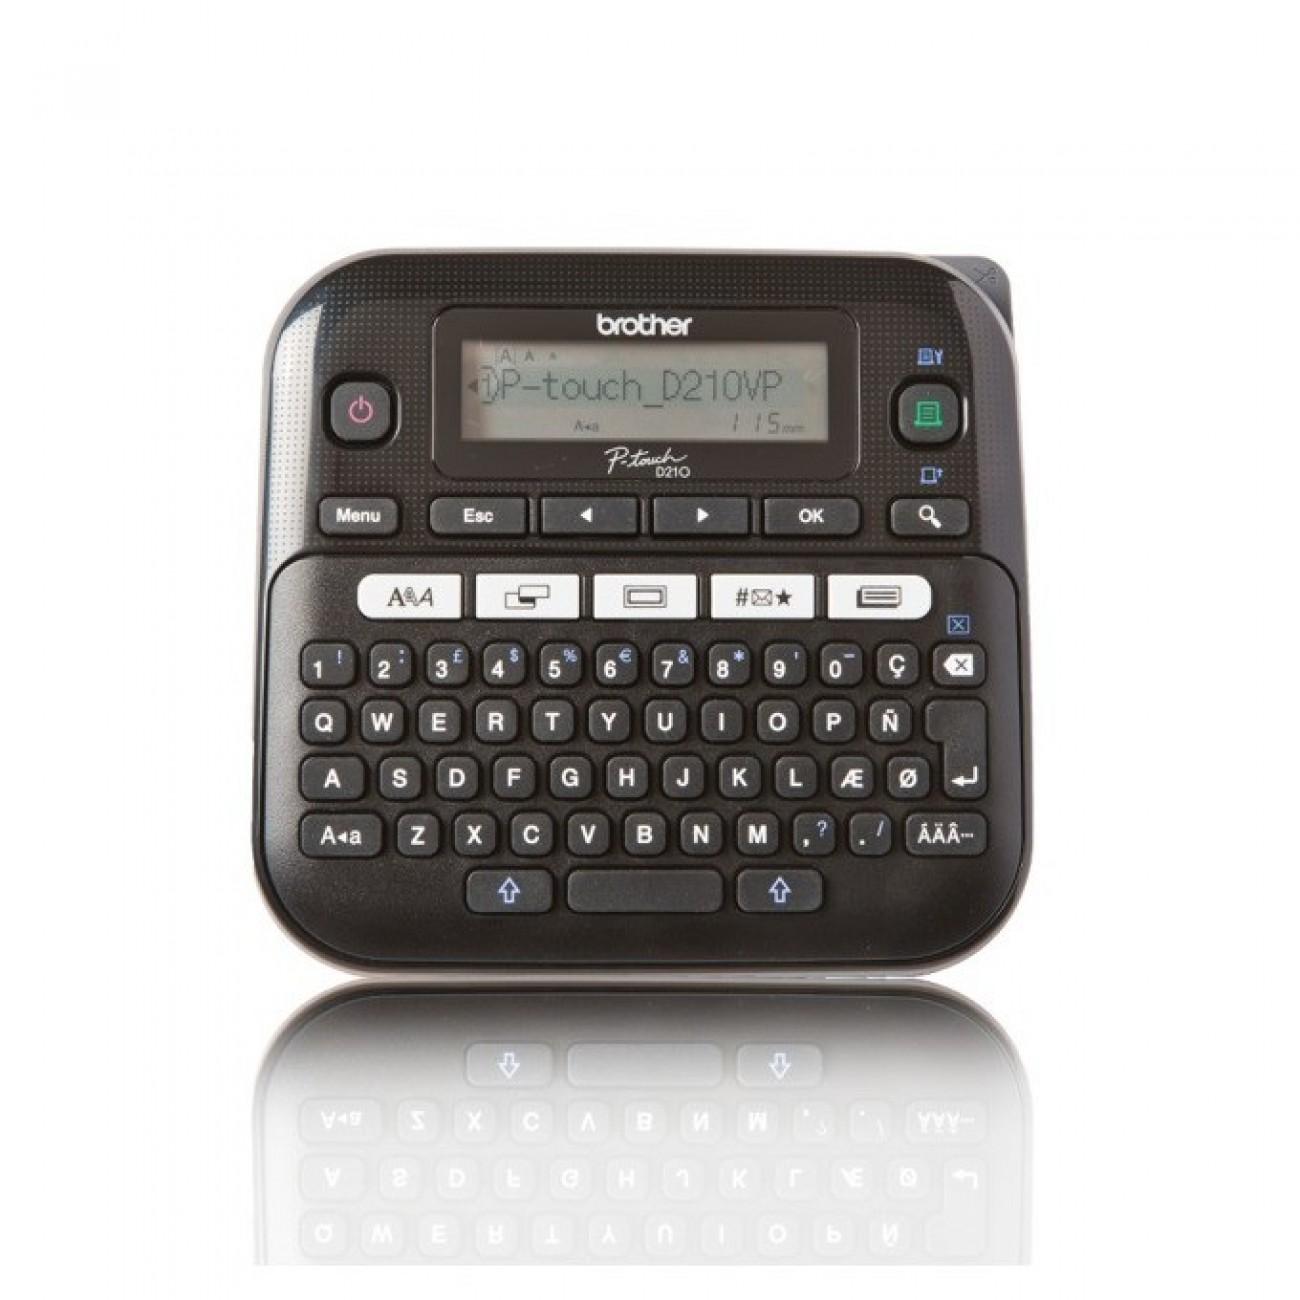 Етикетен принтер Brother PT-D210VP, LCD дисплей, ширина на етикета 3.5, 6, 9 и 12мм, скорост 20 мм/сек, QWERTY клавиатура в Стативи -    Alleop